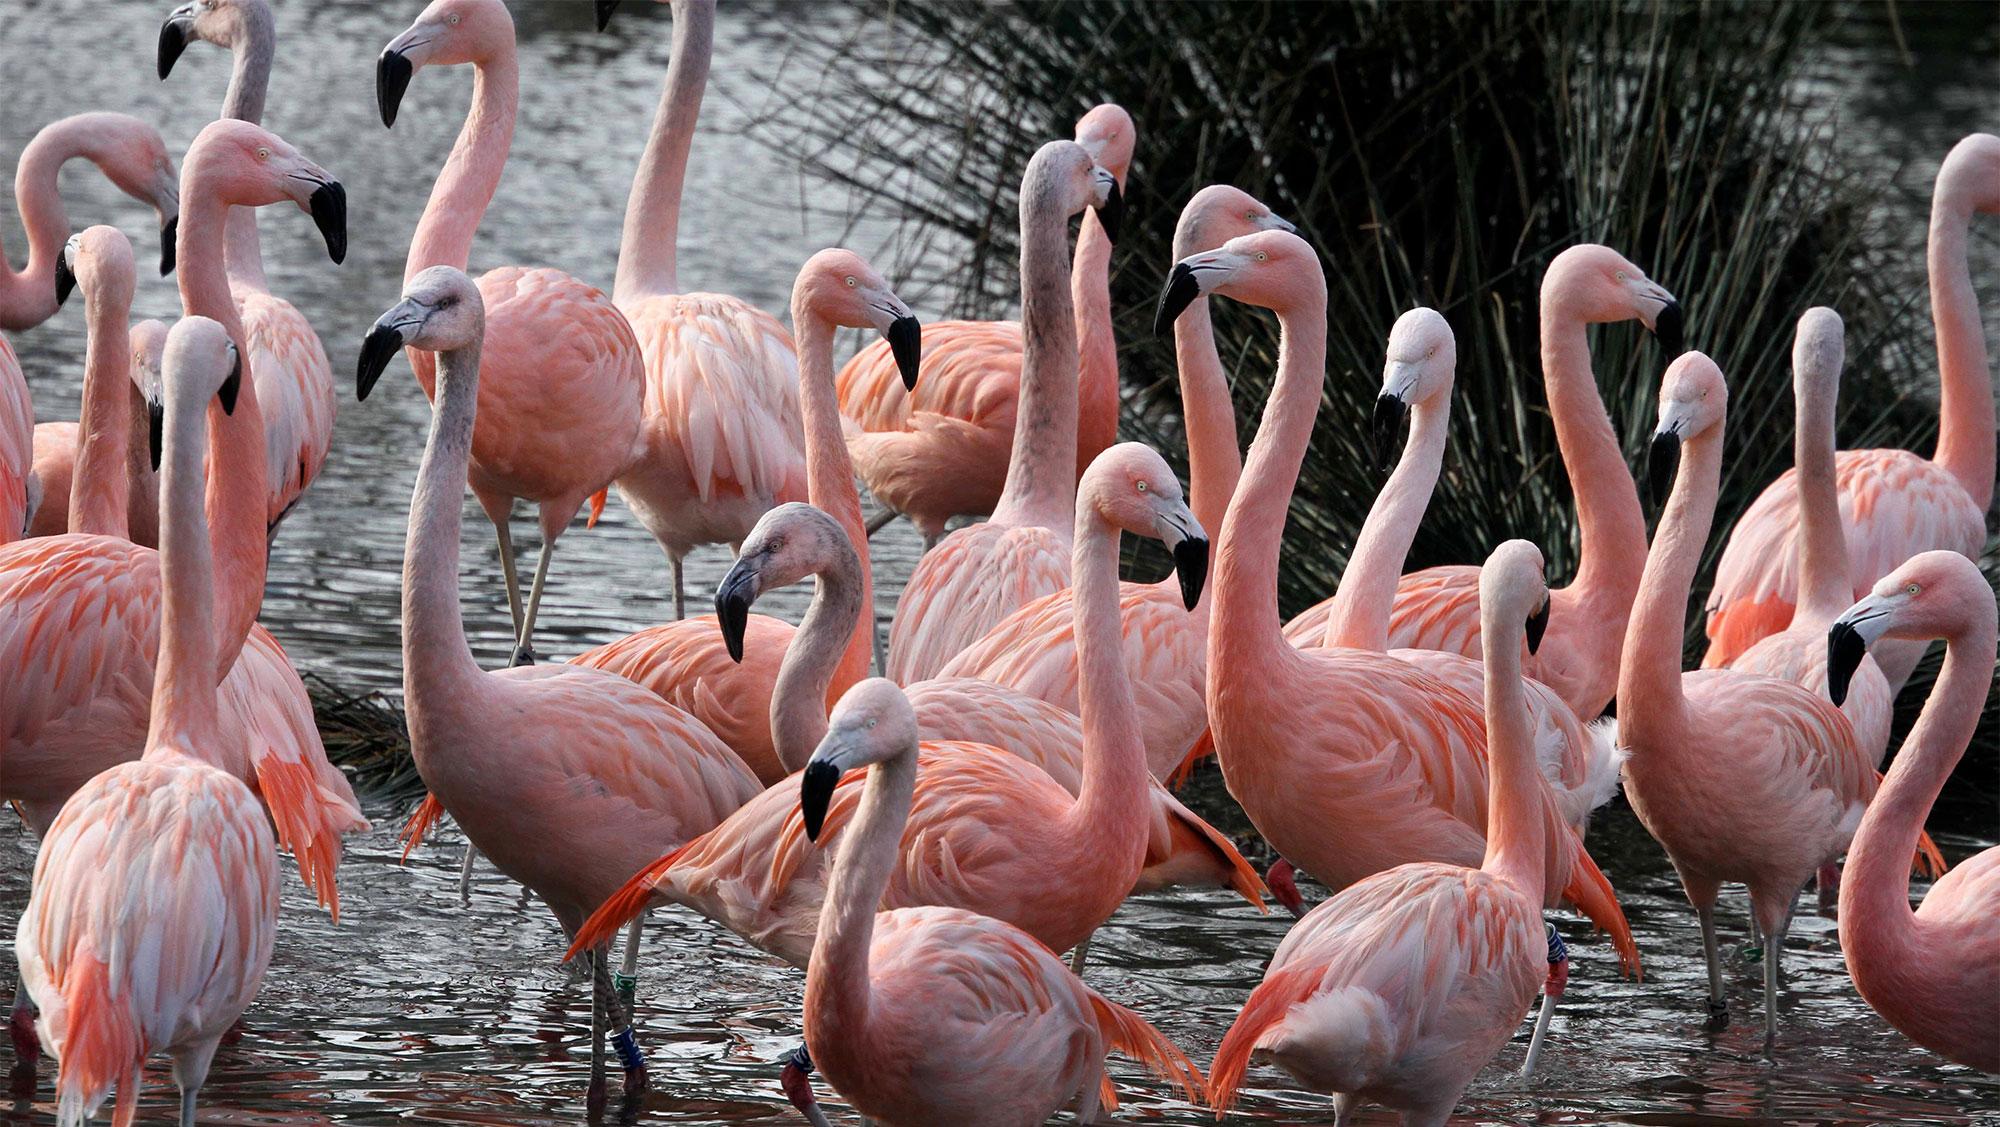 ARTIS Chileense flamingo s in ARTIS Foto ARTIS, Ronald van Weeren